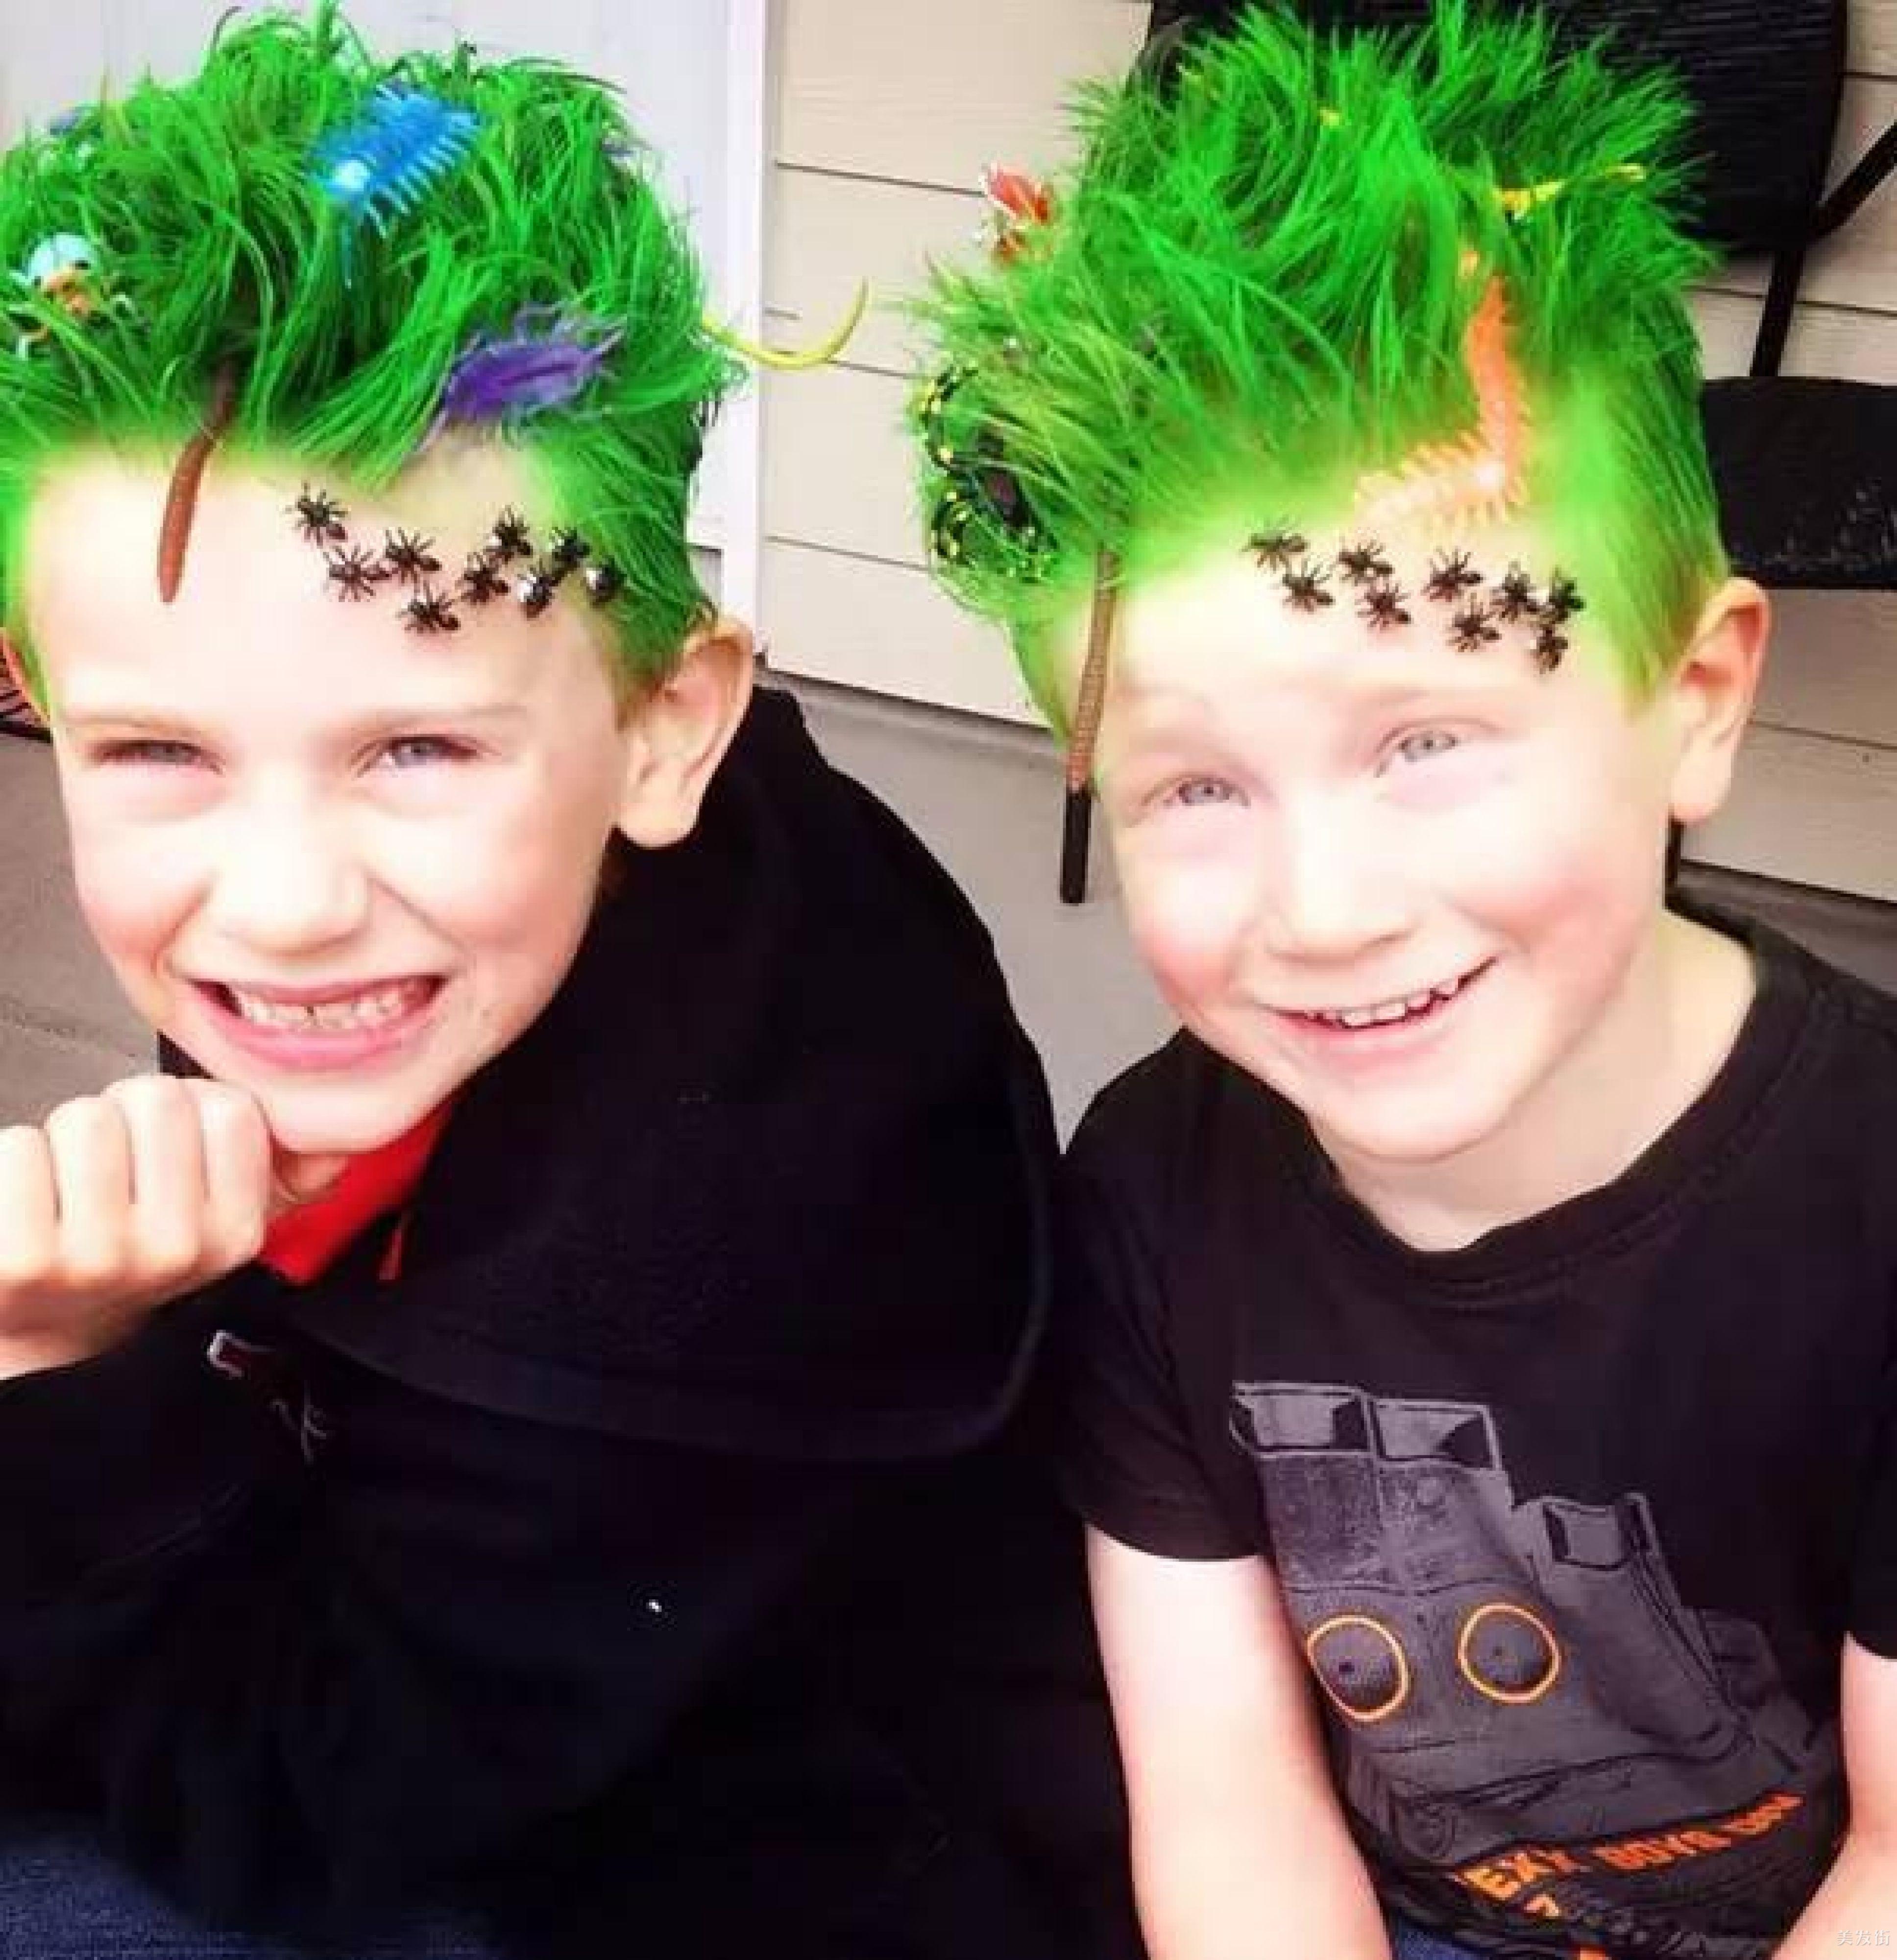 nios de cabello verde con algunos animales encima de su cabeza - Peinados Nios